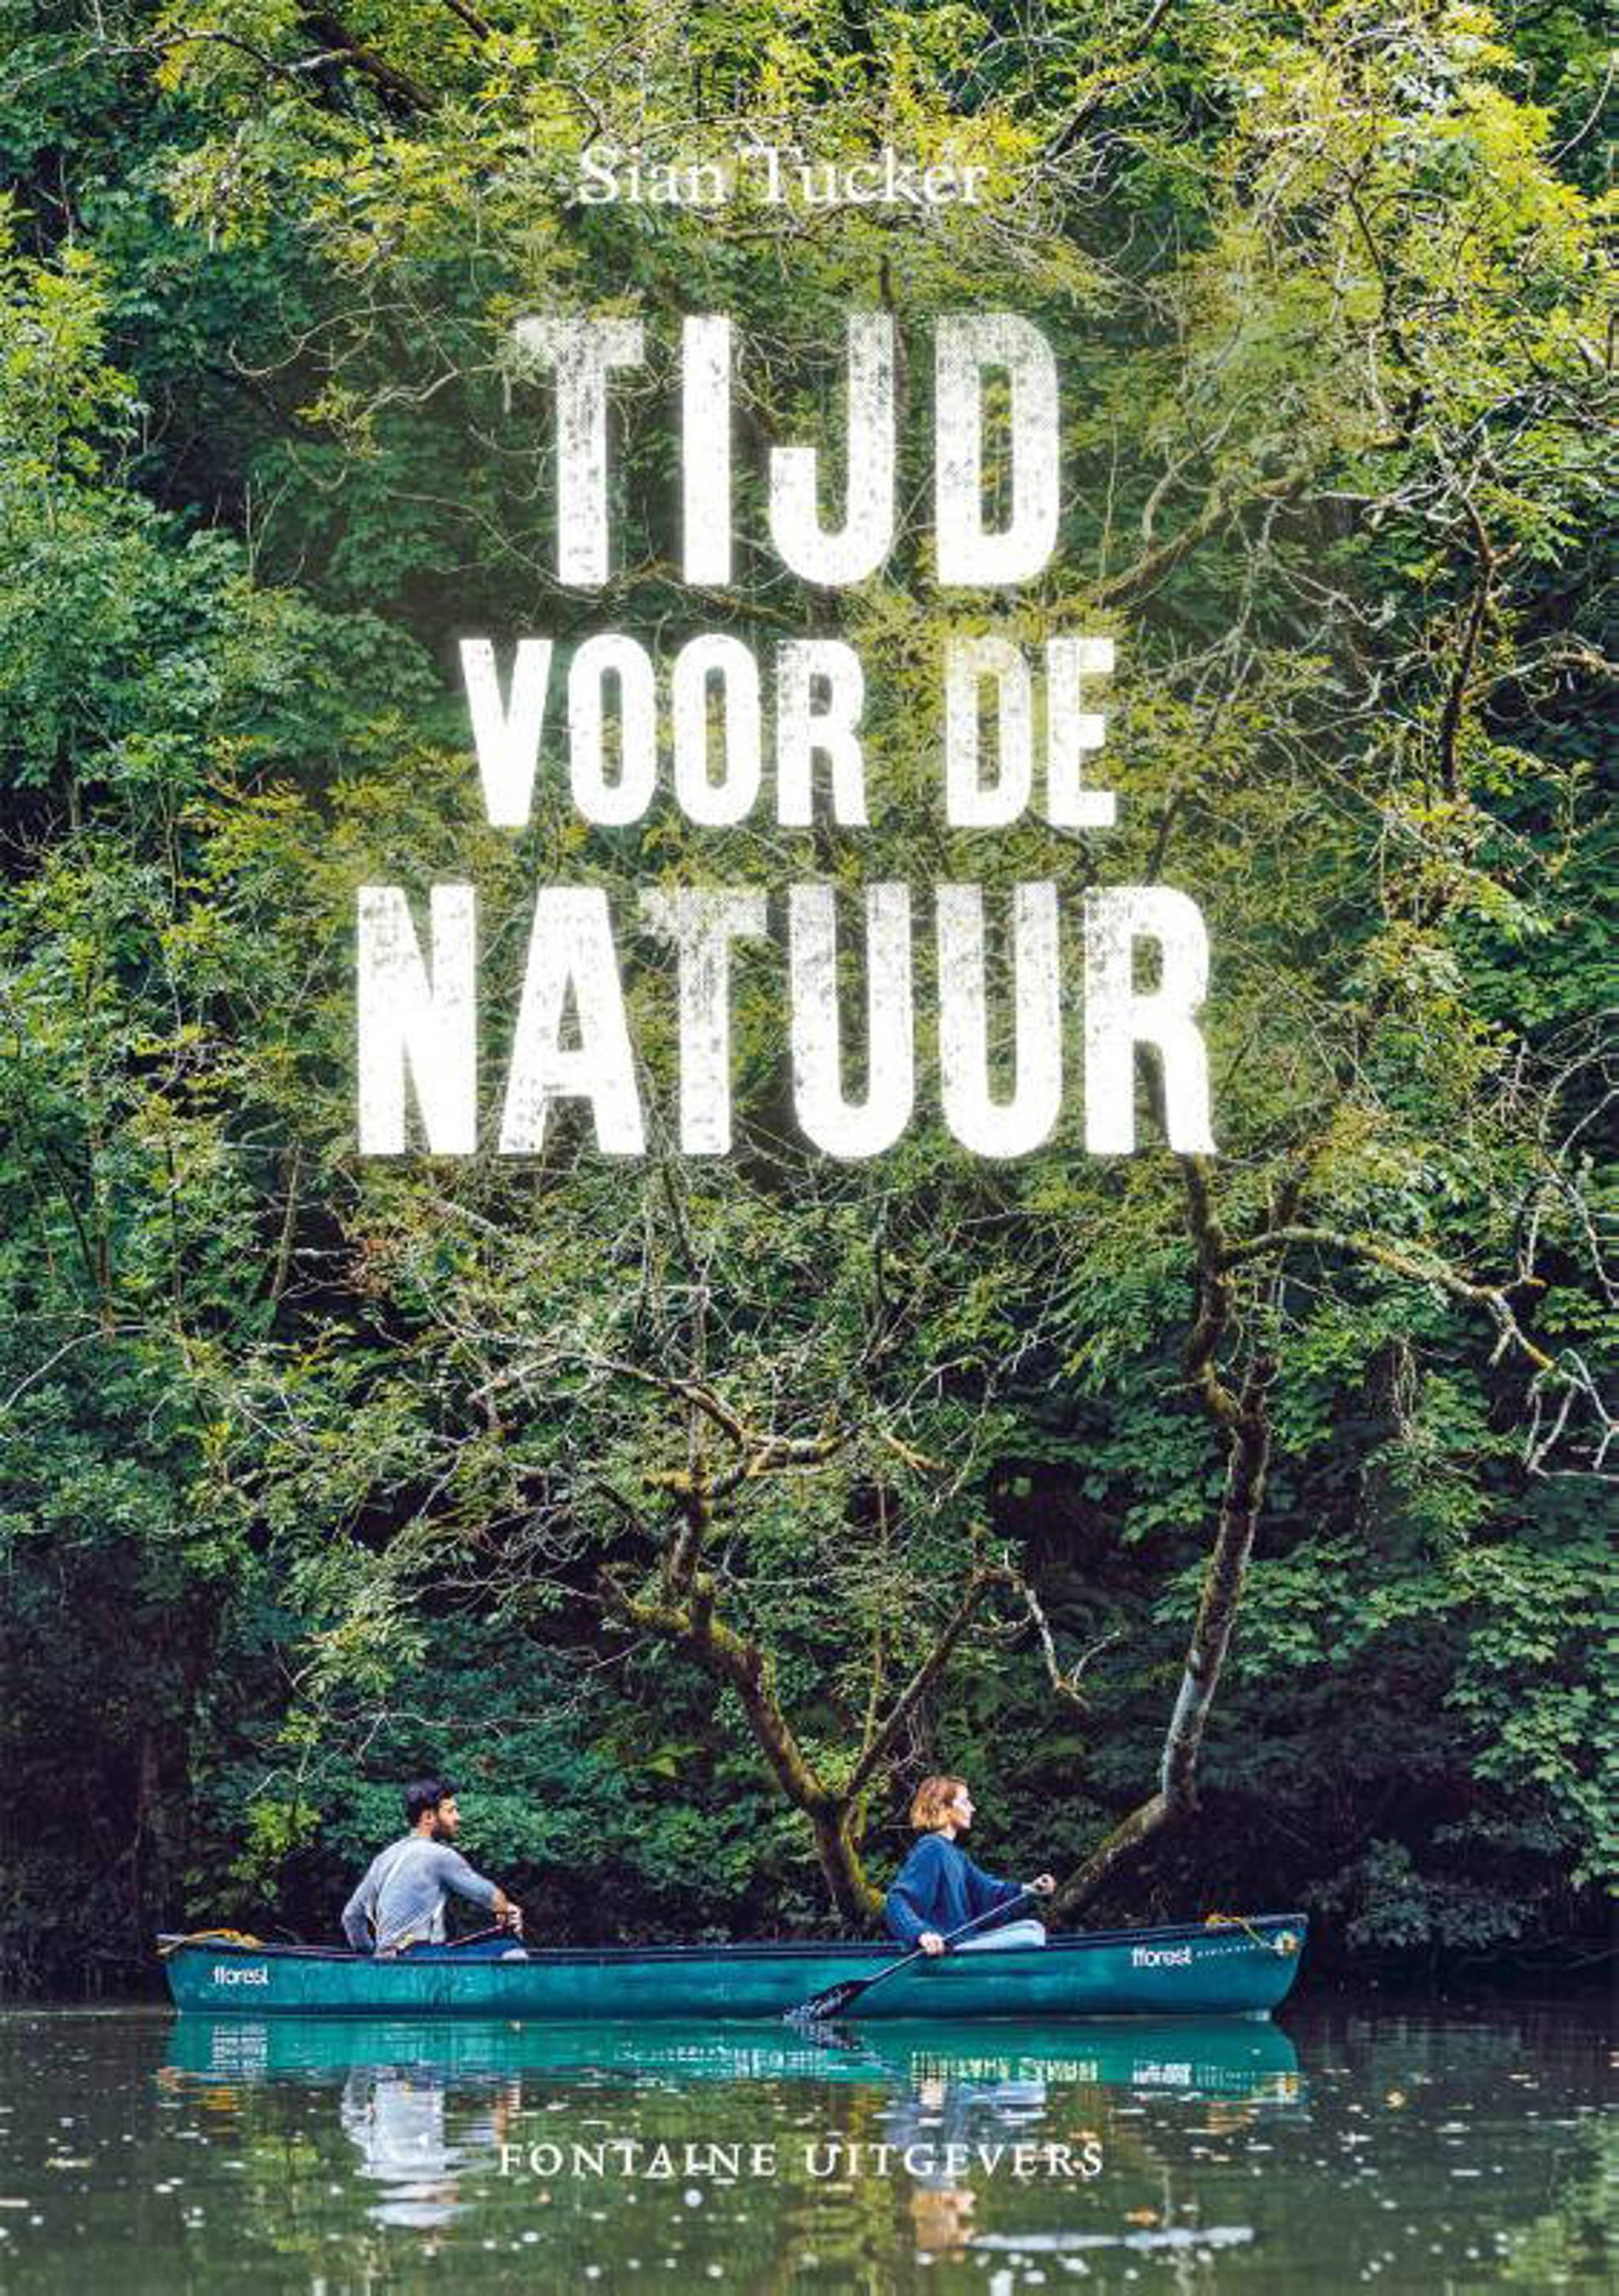 Tijd voor de natuur cover plat